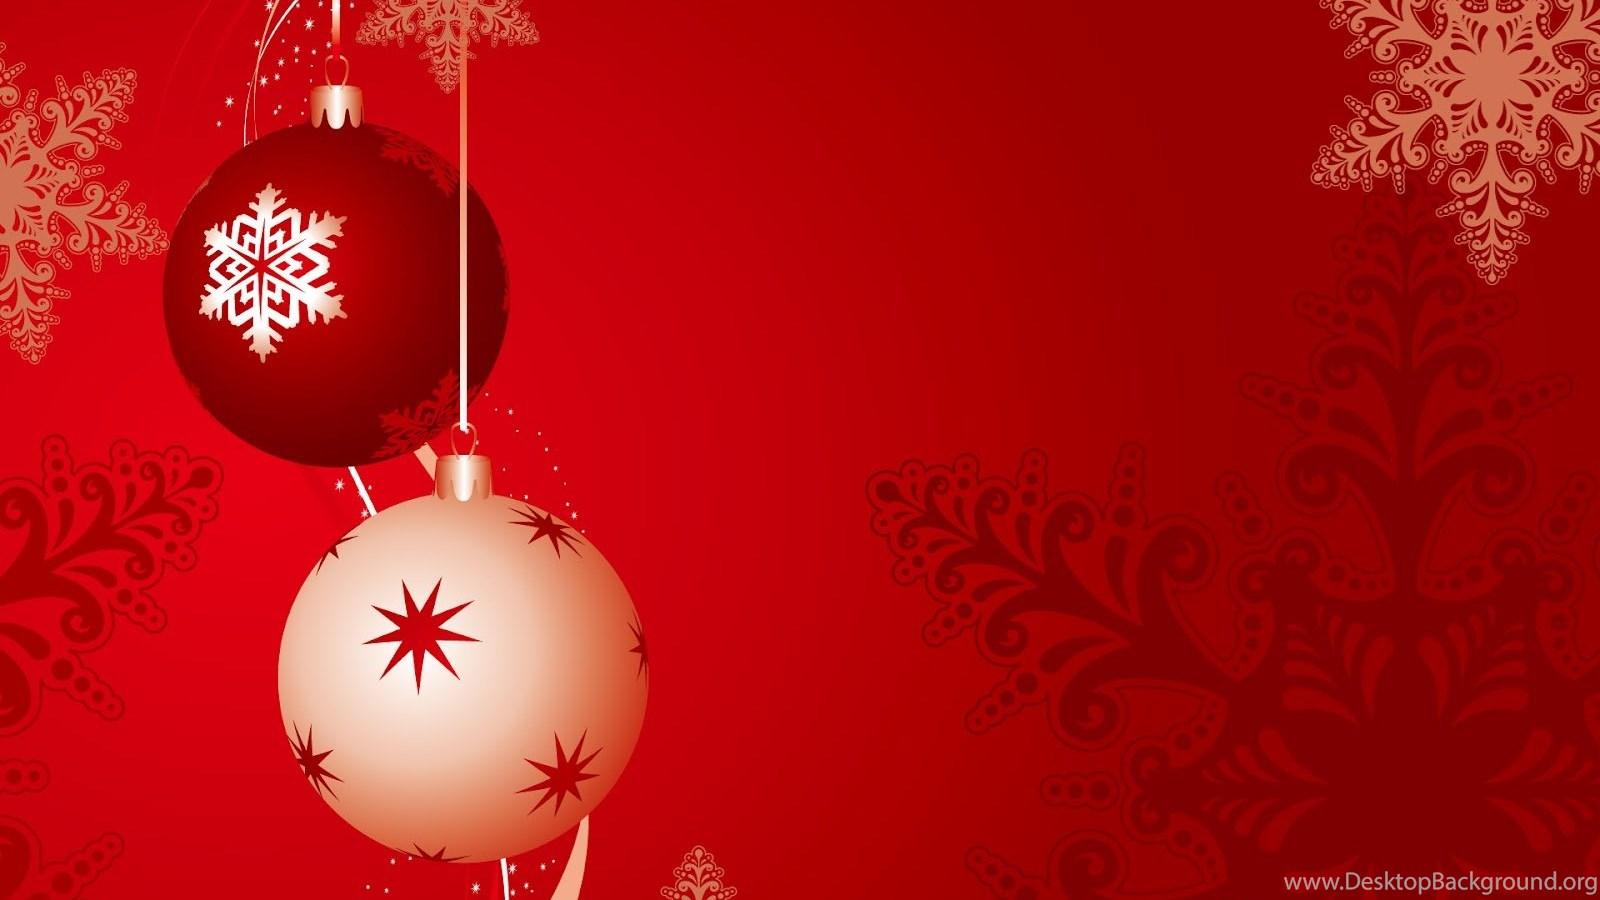 Cute Christmas Wallpapers Nu X8w Nuhdwalpaper Desktop Background